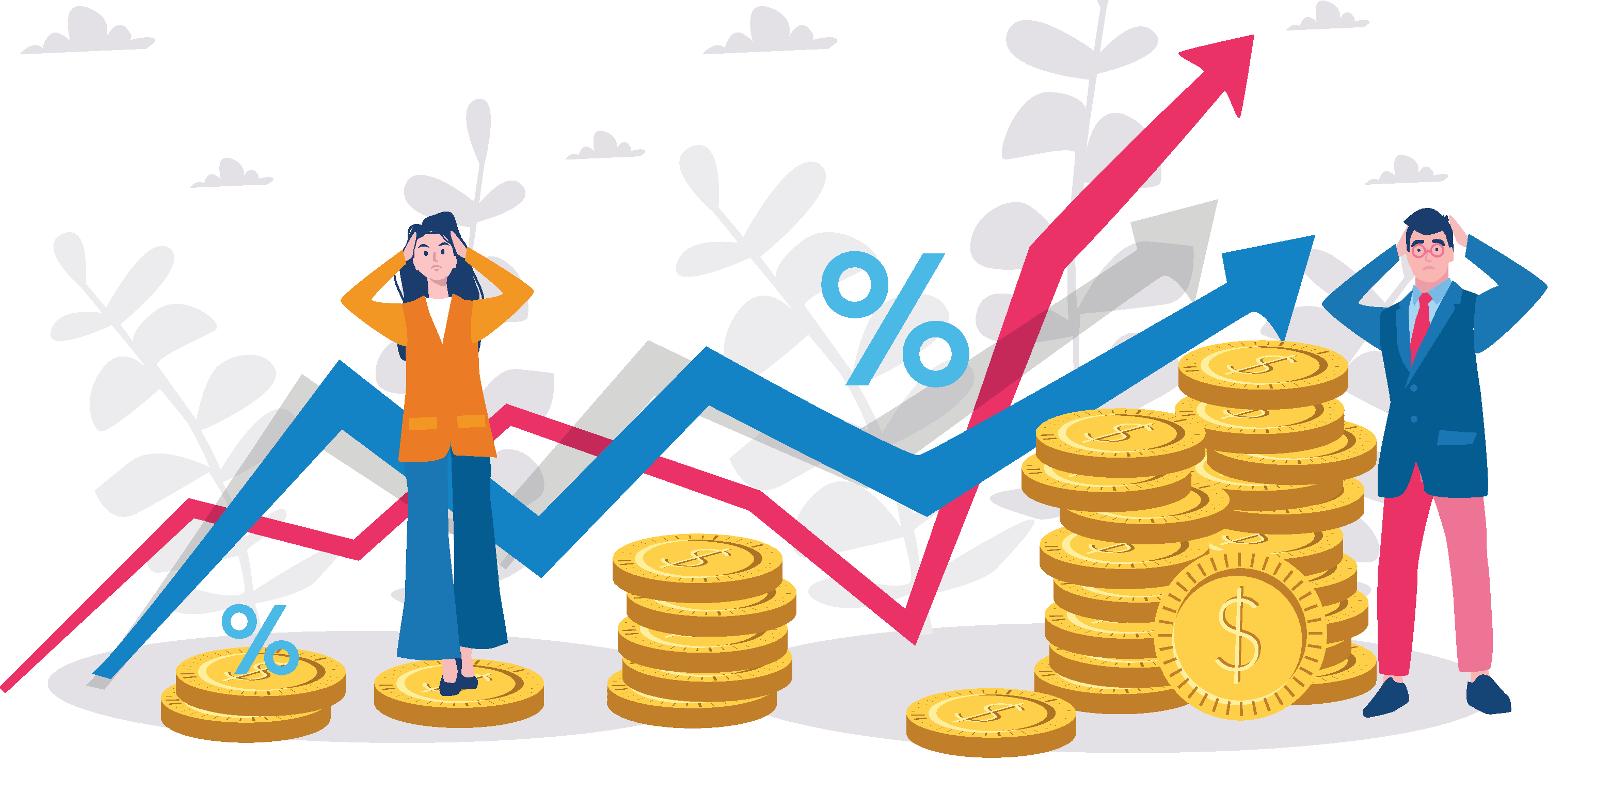 L'inflation qui vient : comment l'épargnant va-t-il payer la crise ?